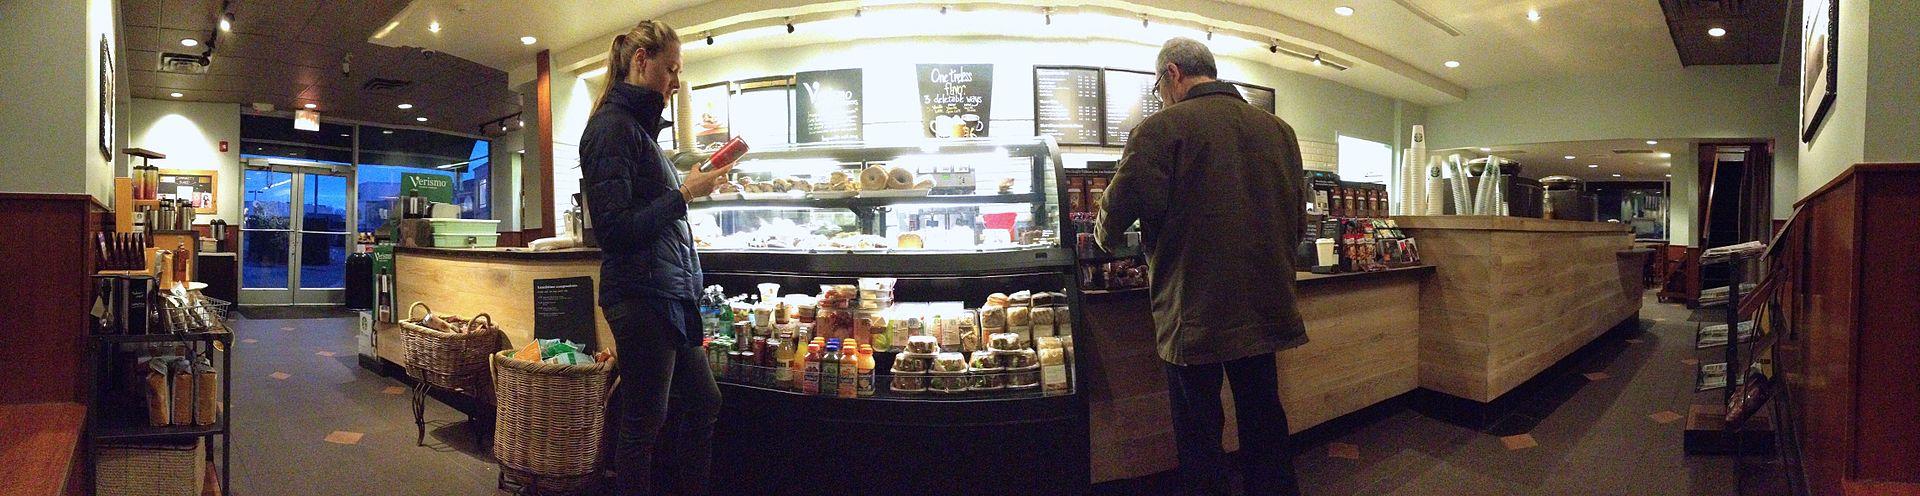 Starbucks_Westport_CT_06880_USA_-_Feb_2013